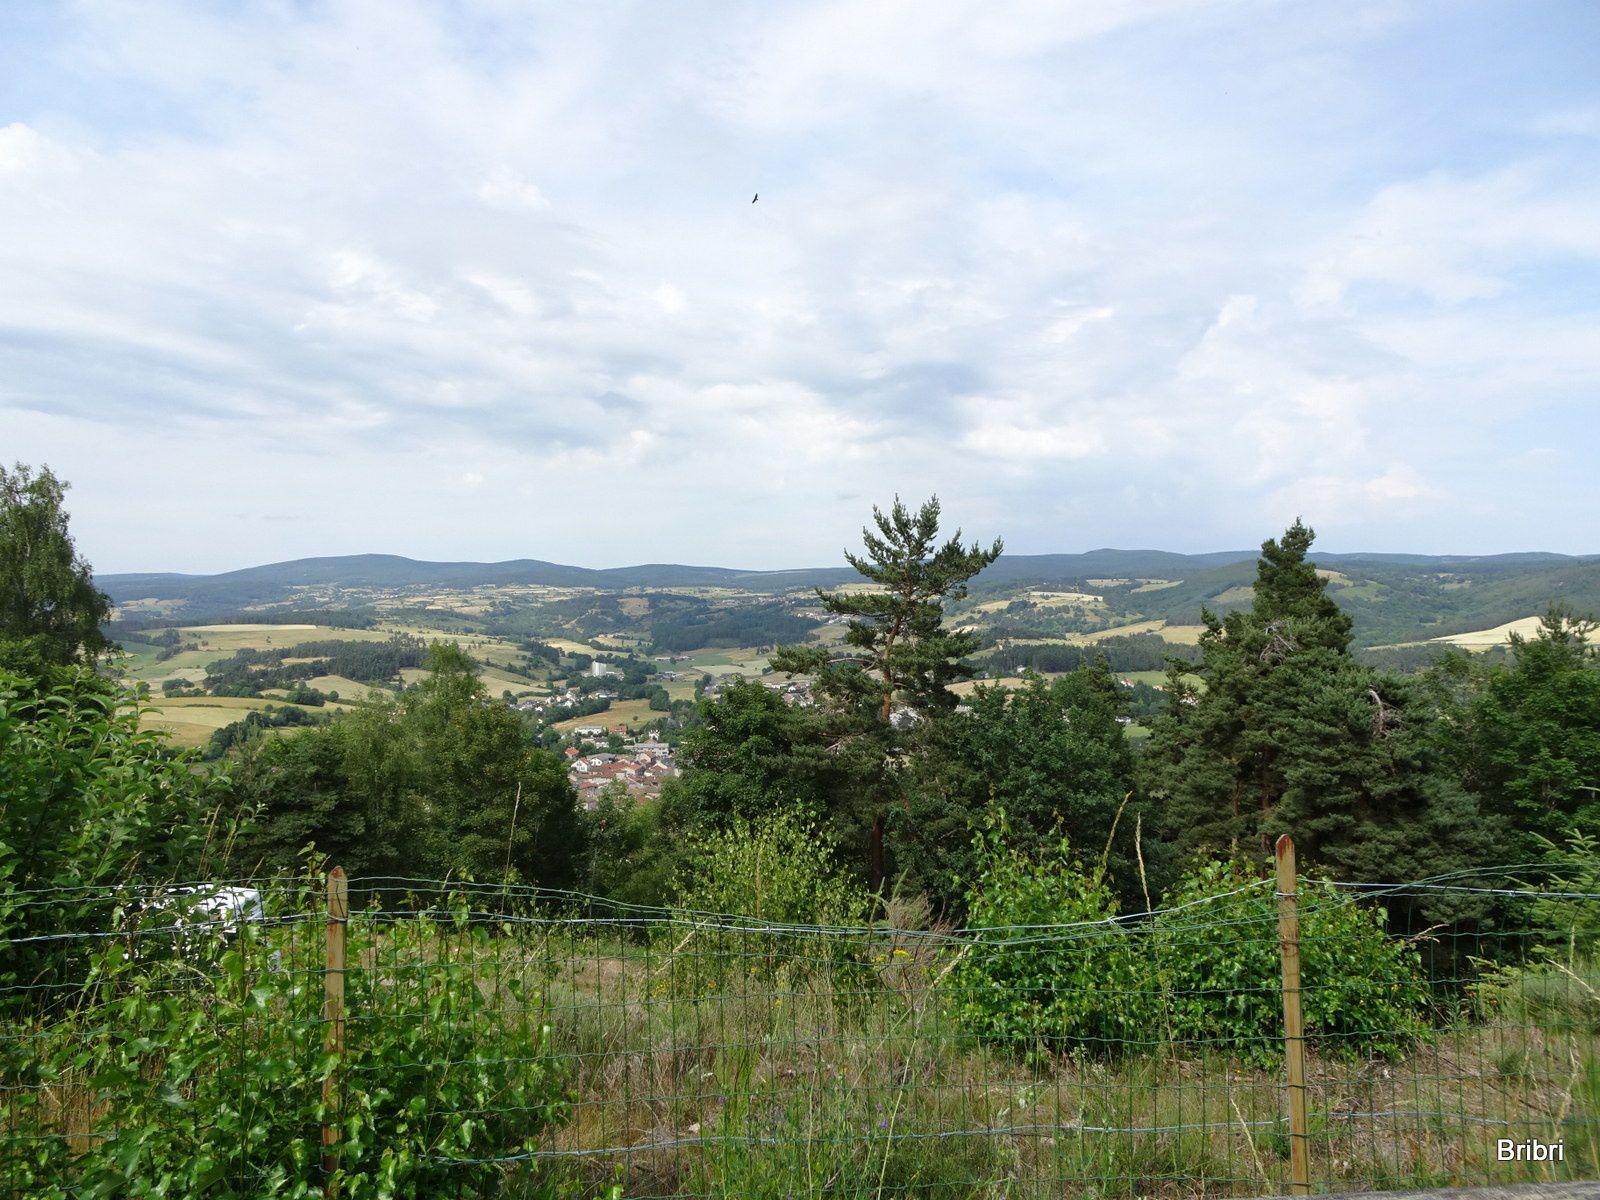 Samedi nous faisons la marche des Fées, 7 km en 2h, avec 174 m de dénivelé et 27°.